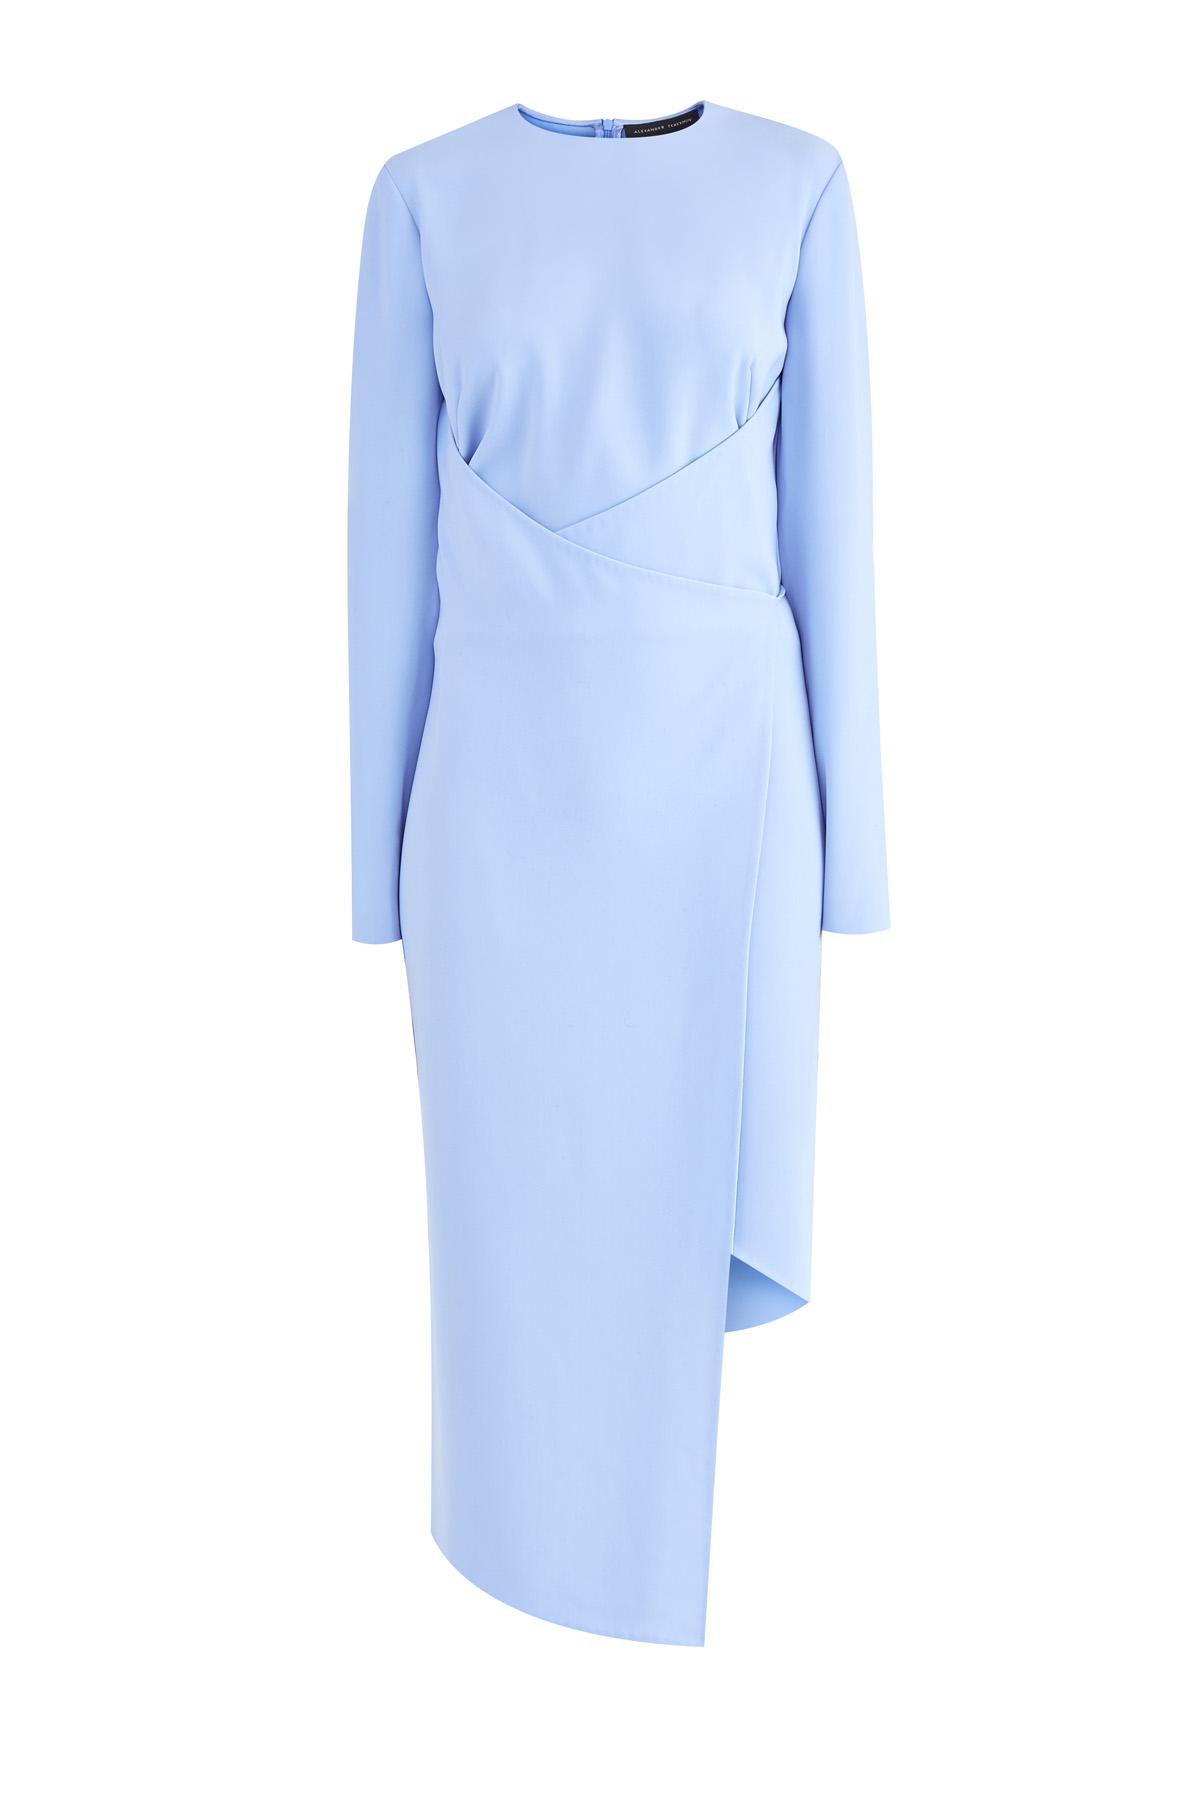 Купить Платье-футляр асимметричного кроя на запах, ALEXANDER TEREKHOV, Россия, полиэстер 100%